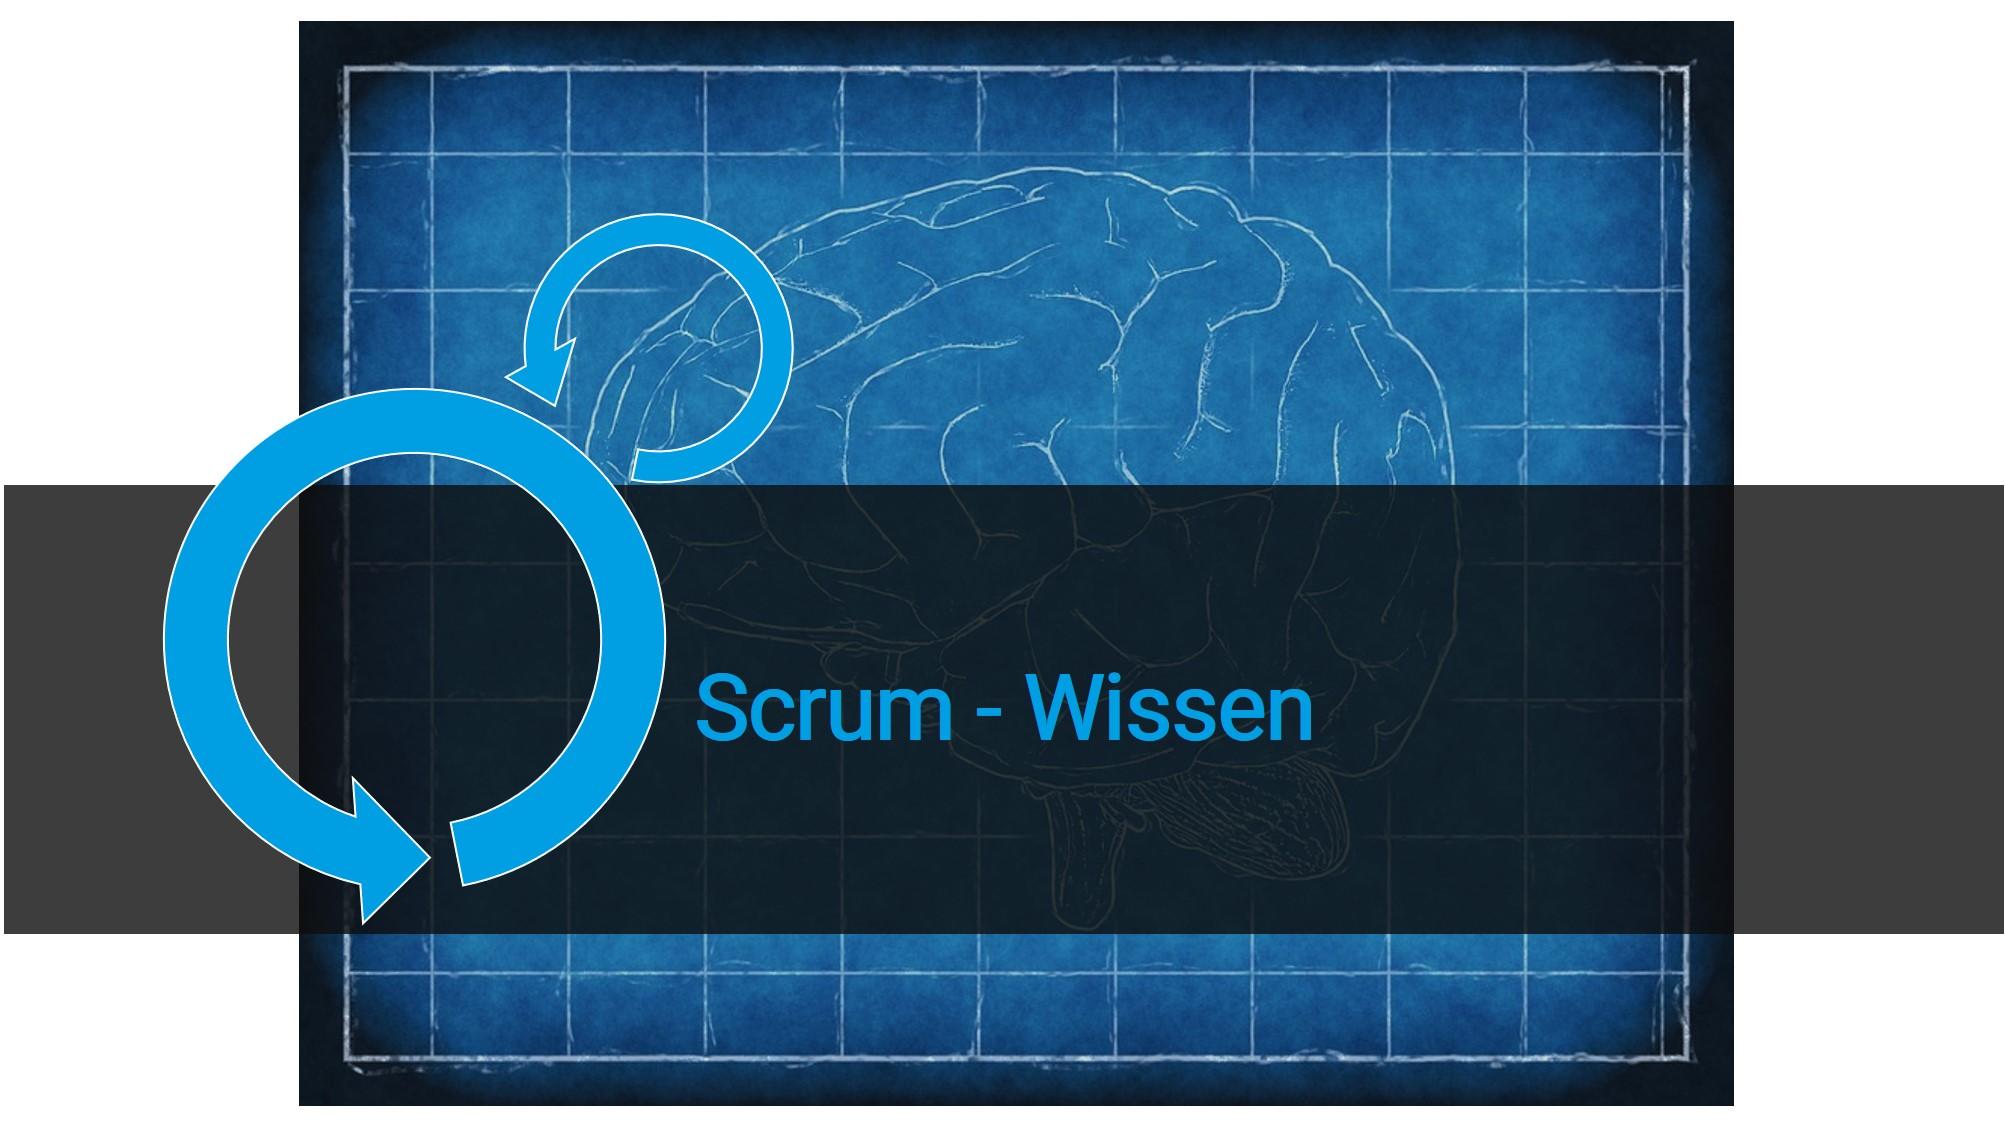 scrum - wissen